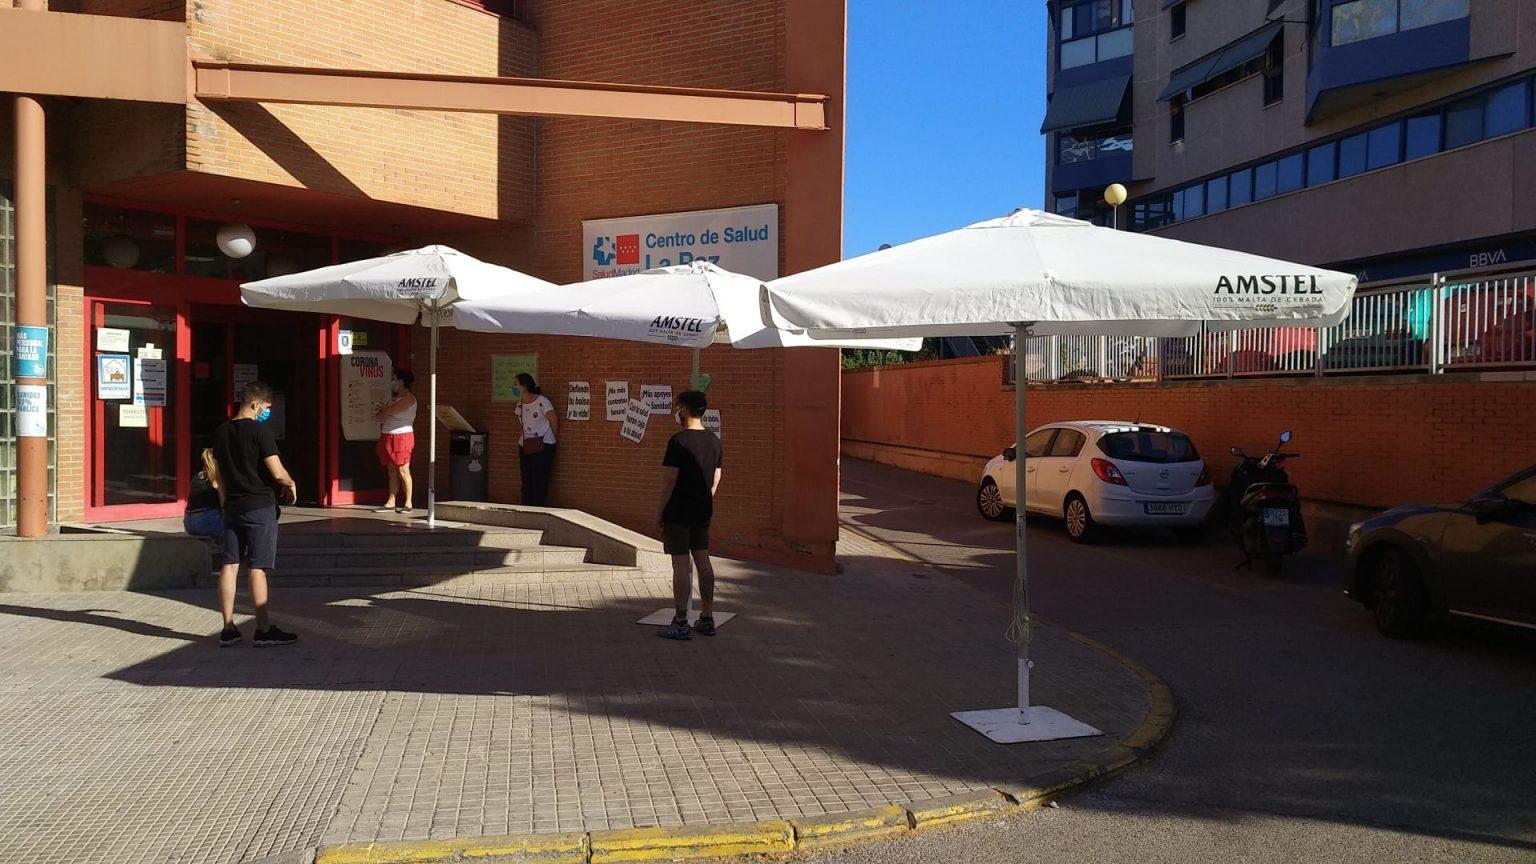 Sombrillas frente al Centro de Salud La Paz, de Covibar, en Rivas